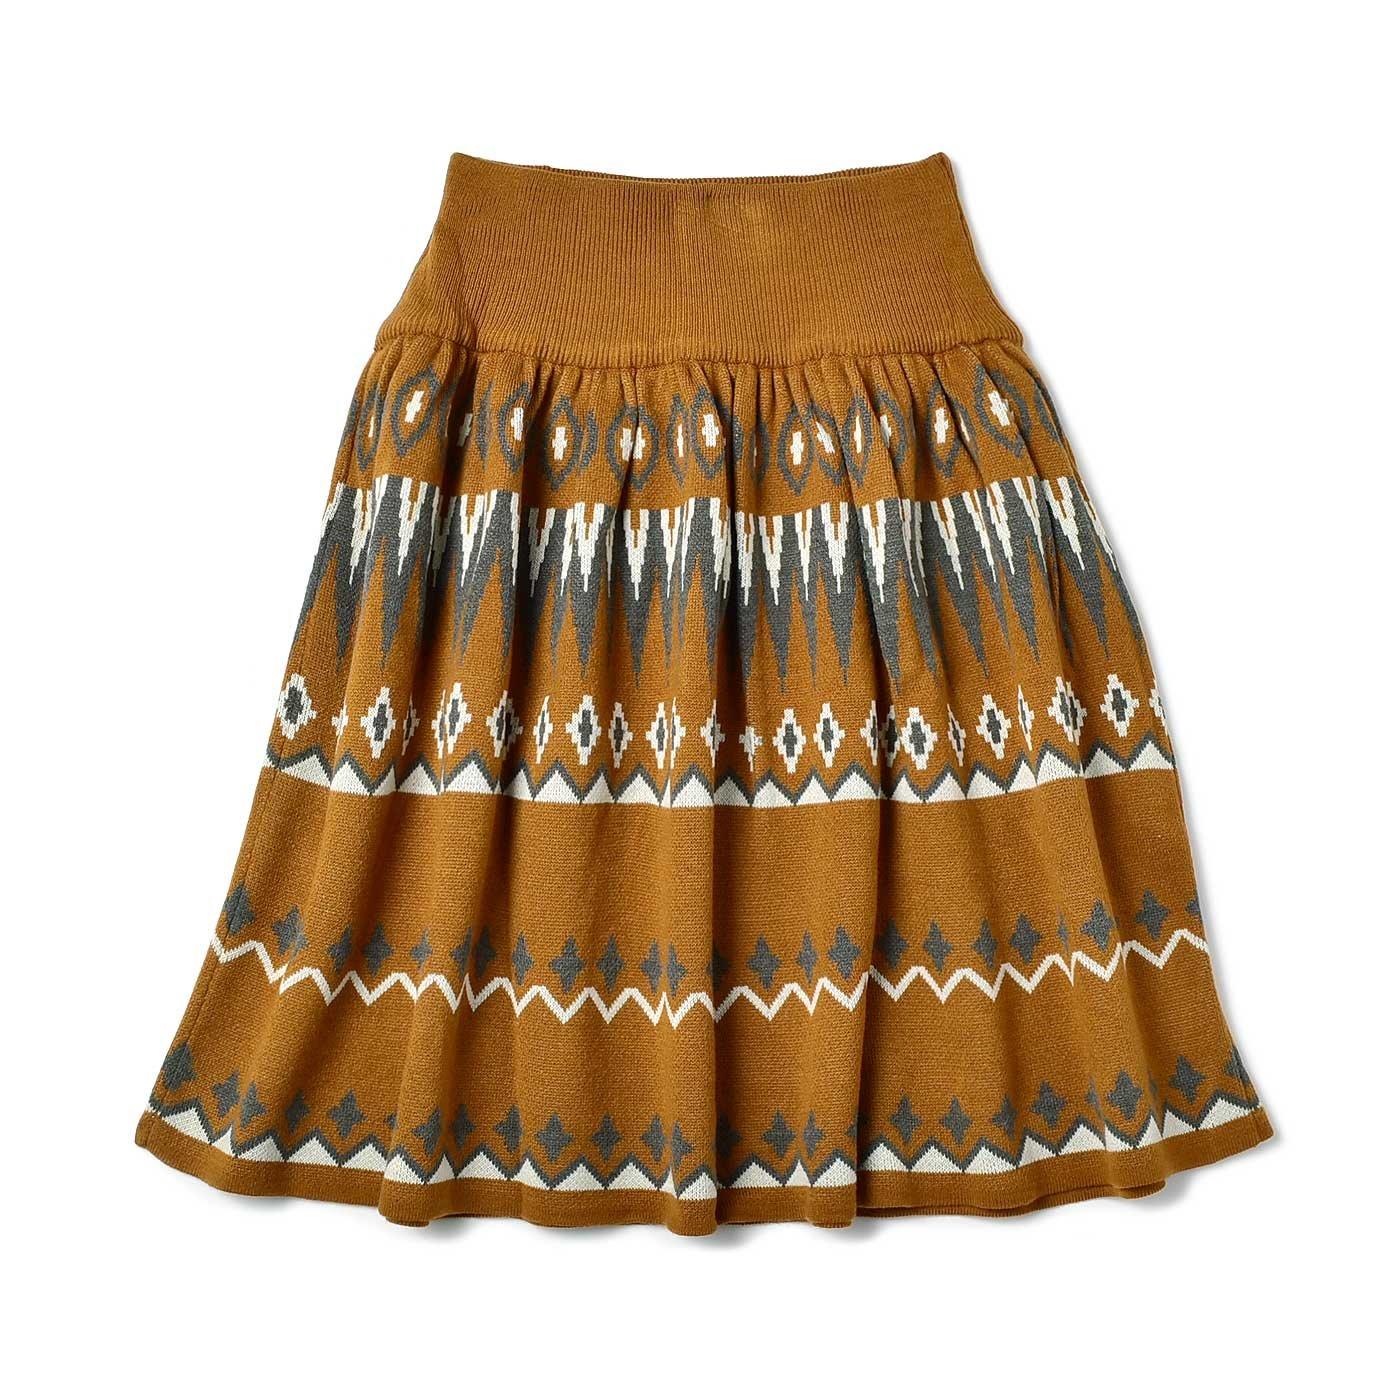 IEDIT[イディット] ジャカード柄のウエストリブニットスカート〈オーカー×グレー〉